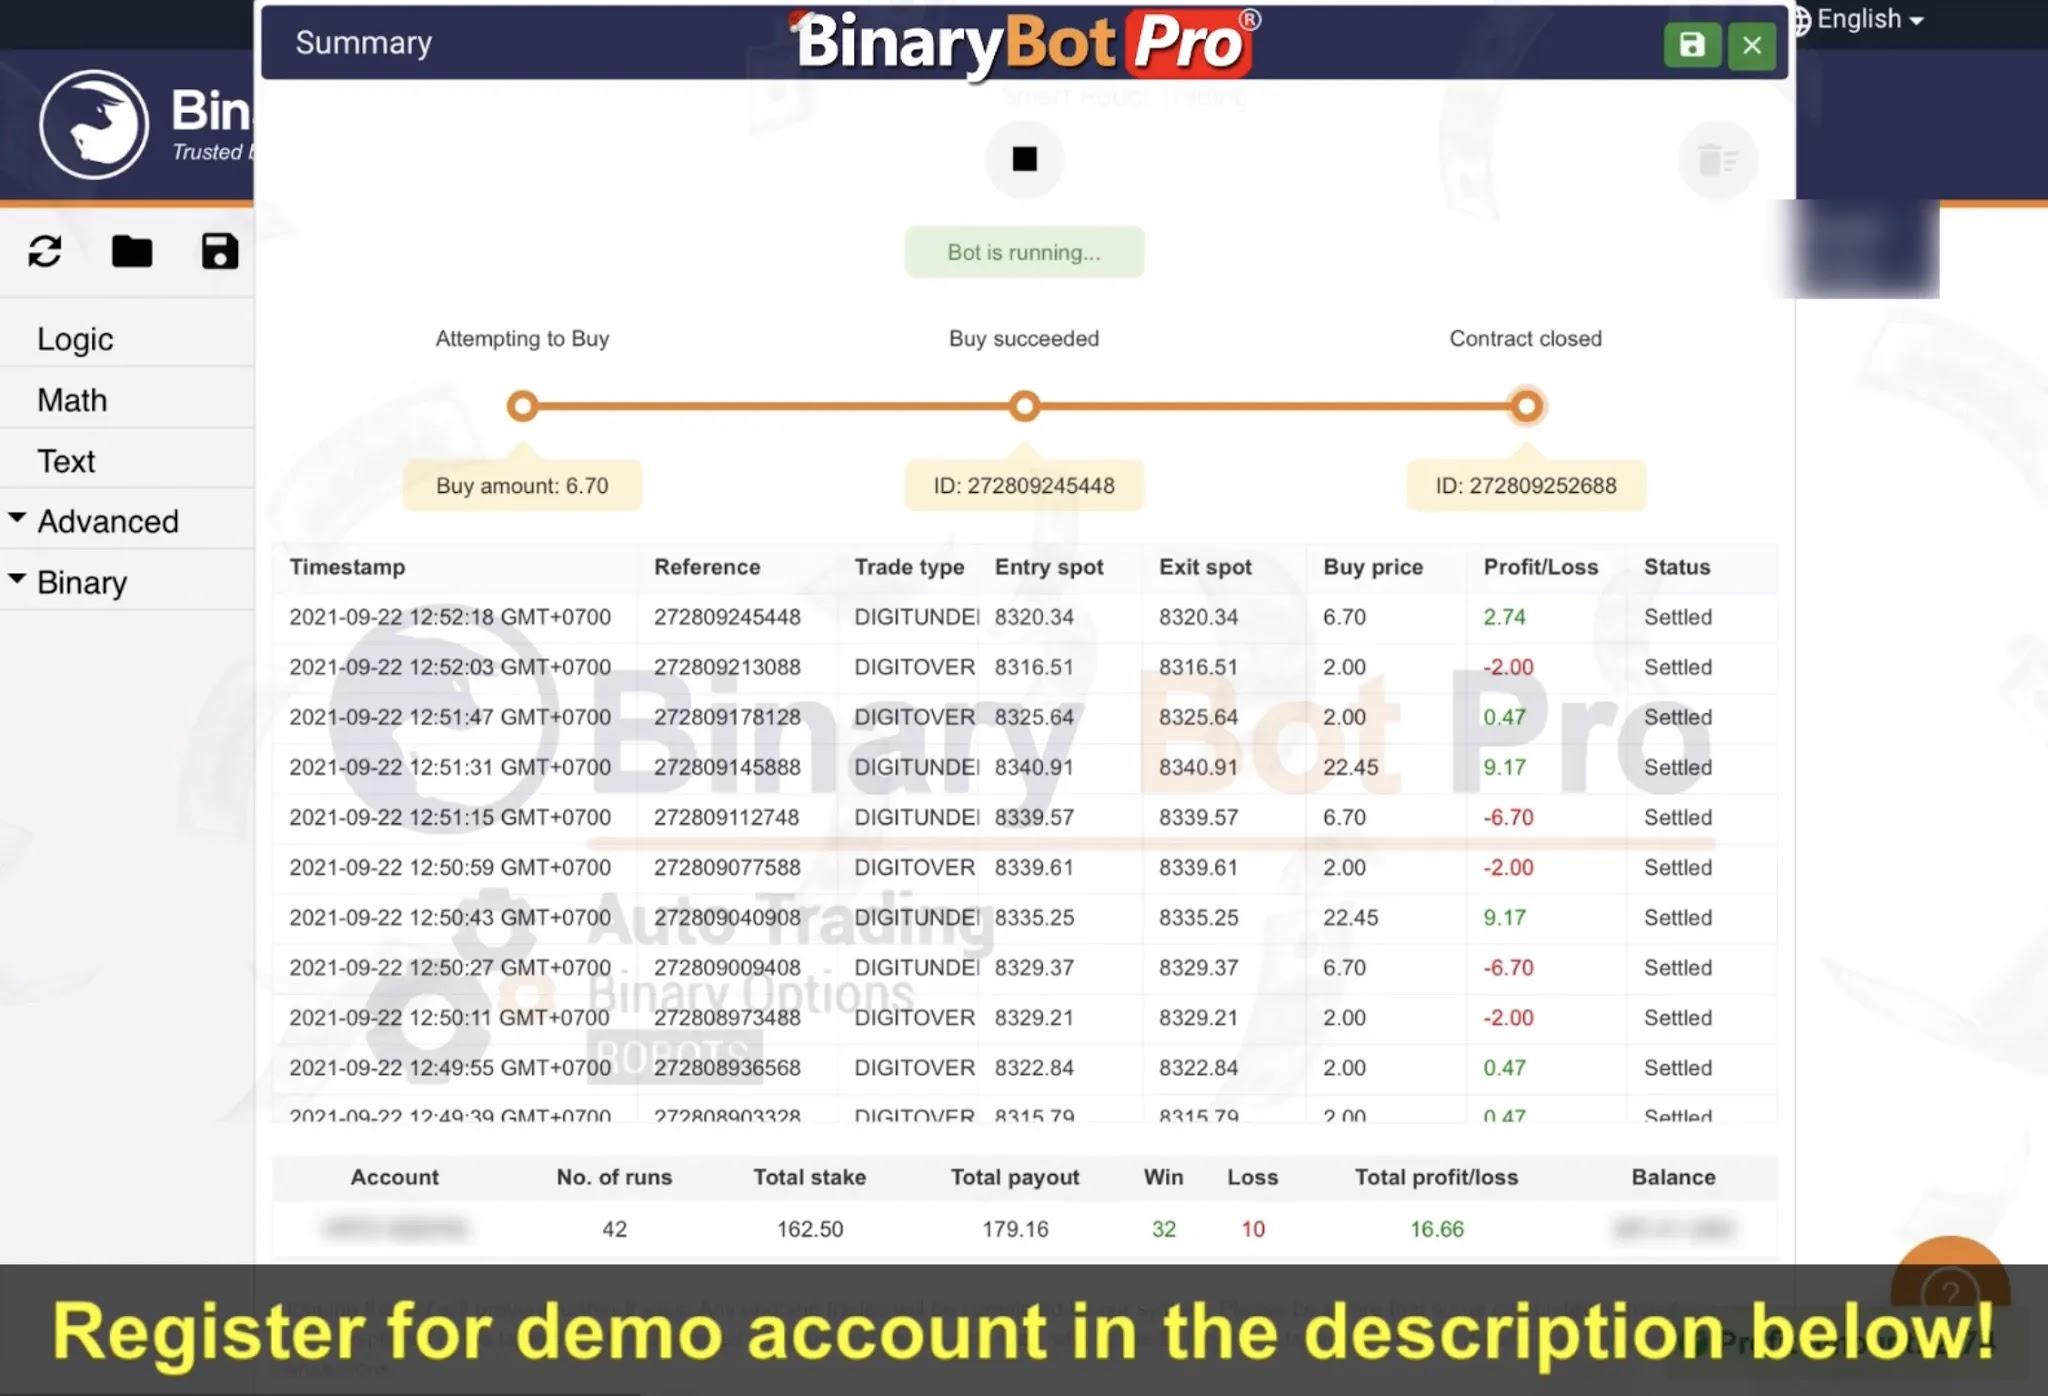 Binary Bot Pro